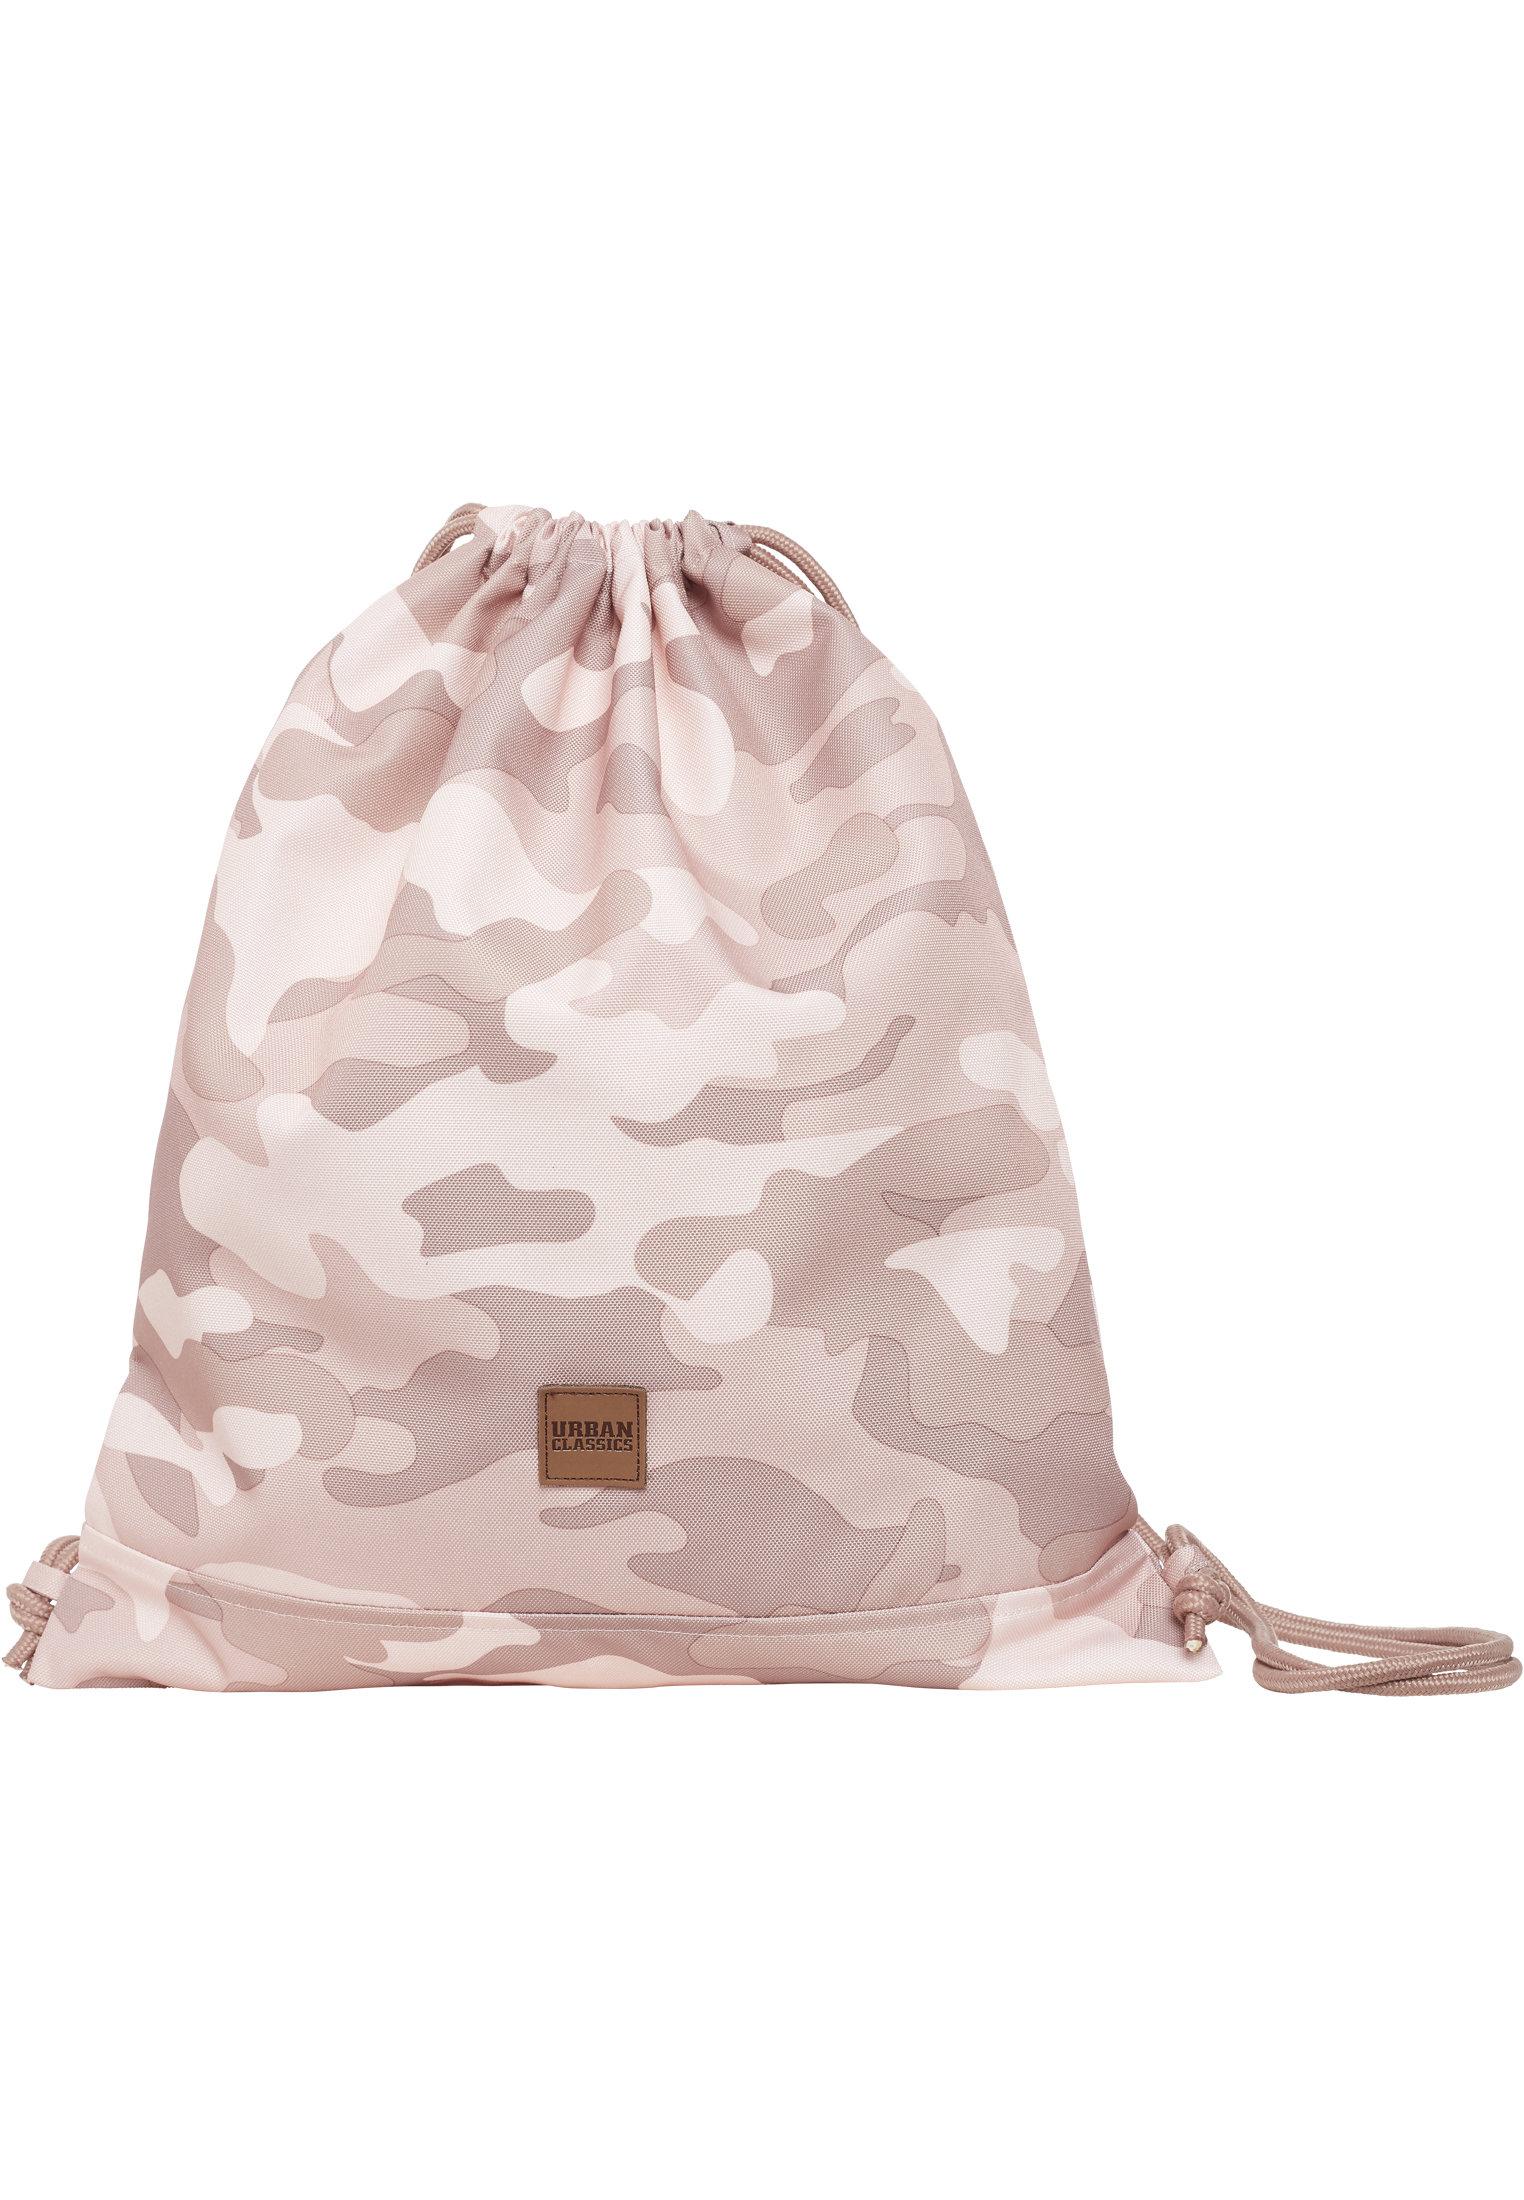 Sac à dos camouflage rose URBAN CLASSICS urban classics-gym bag came rose